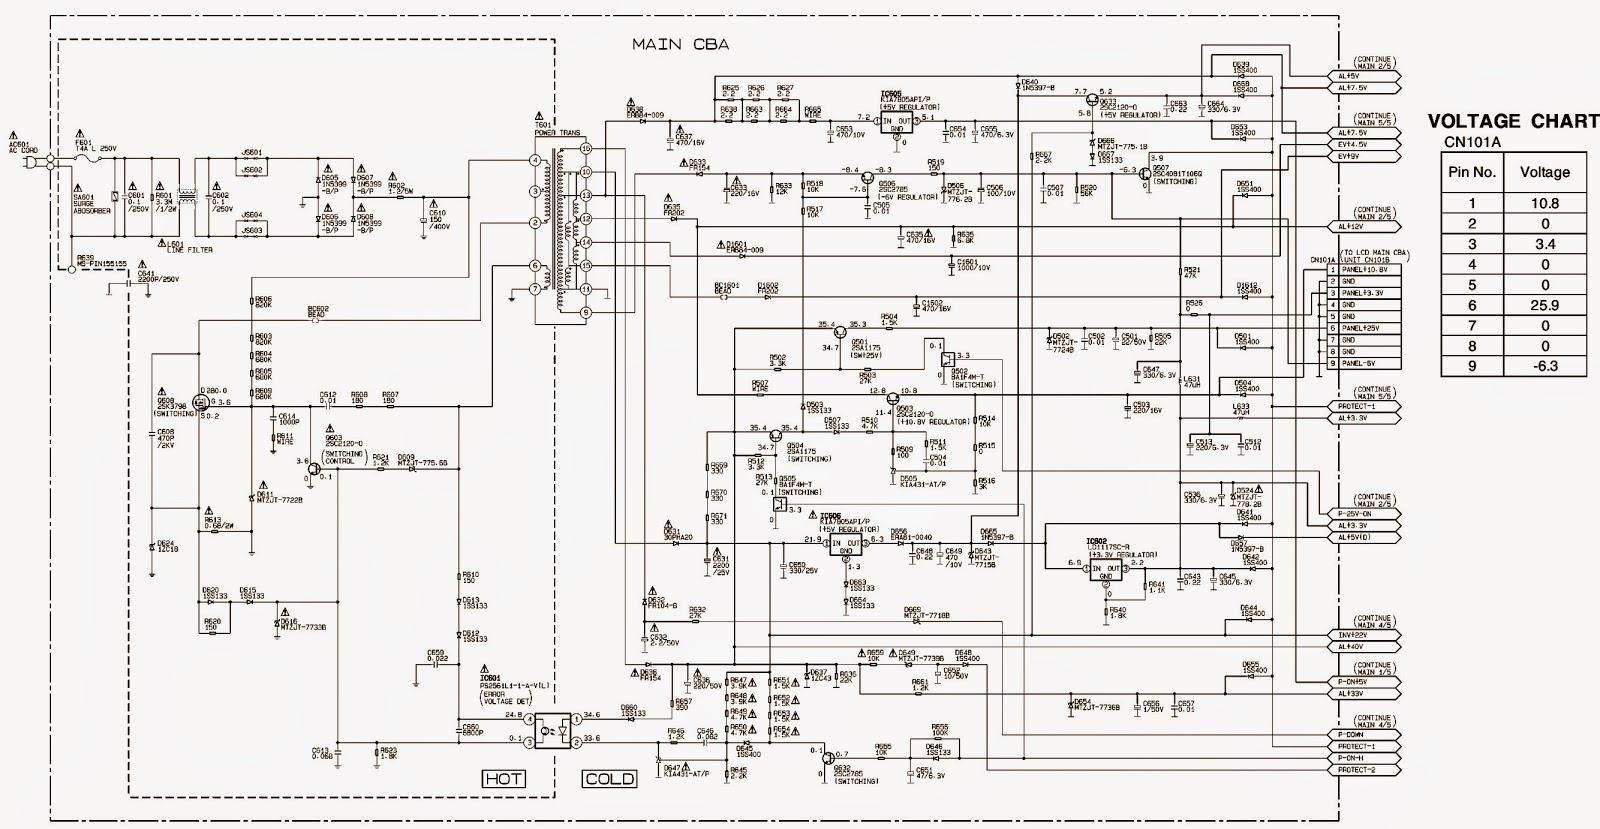 funai ldd a2006 - tv-dvd combo- how to enter service mode